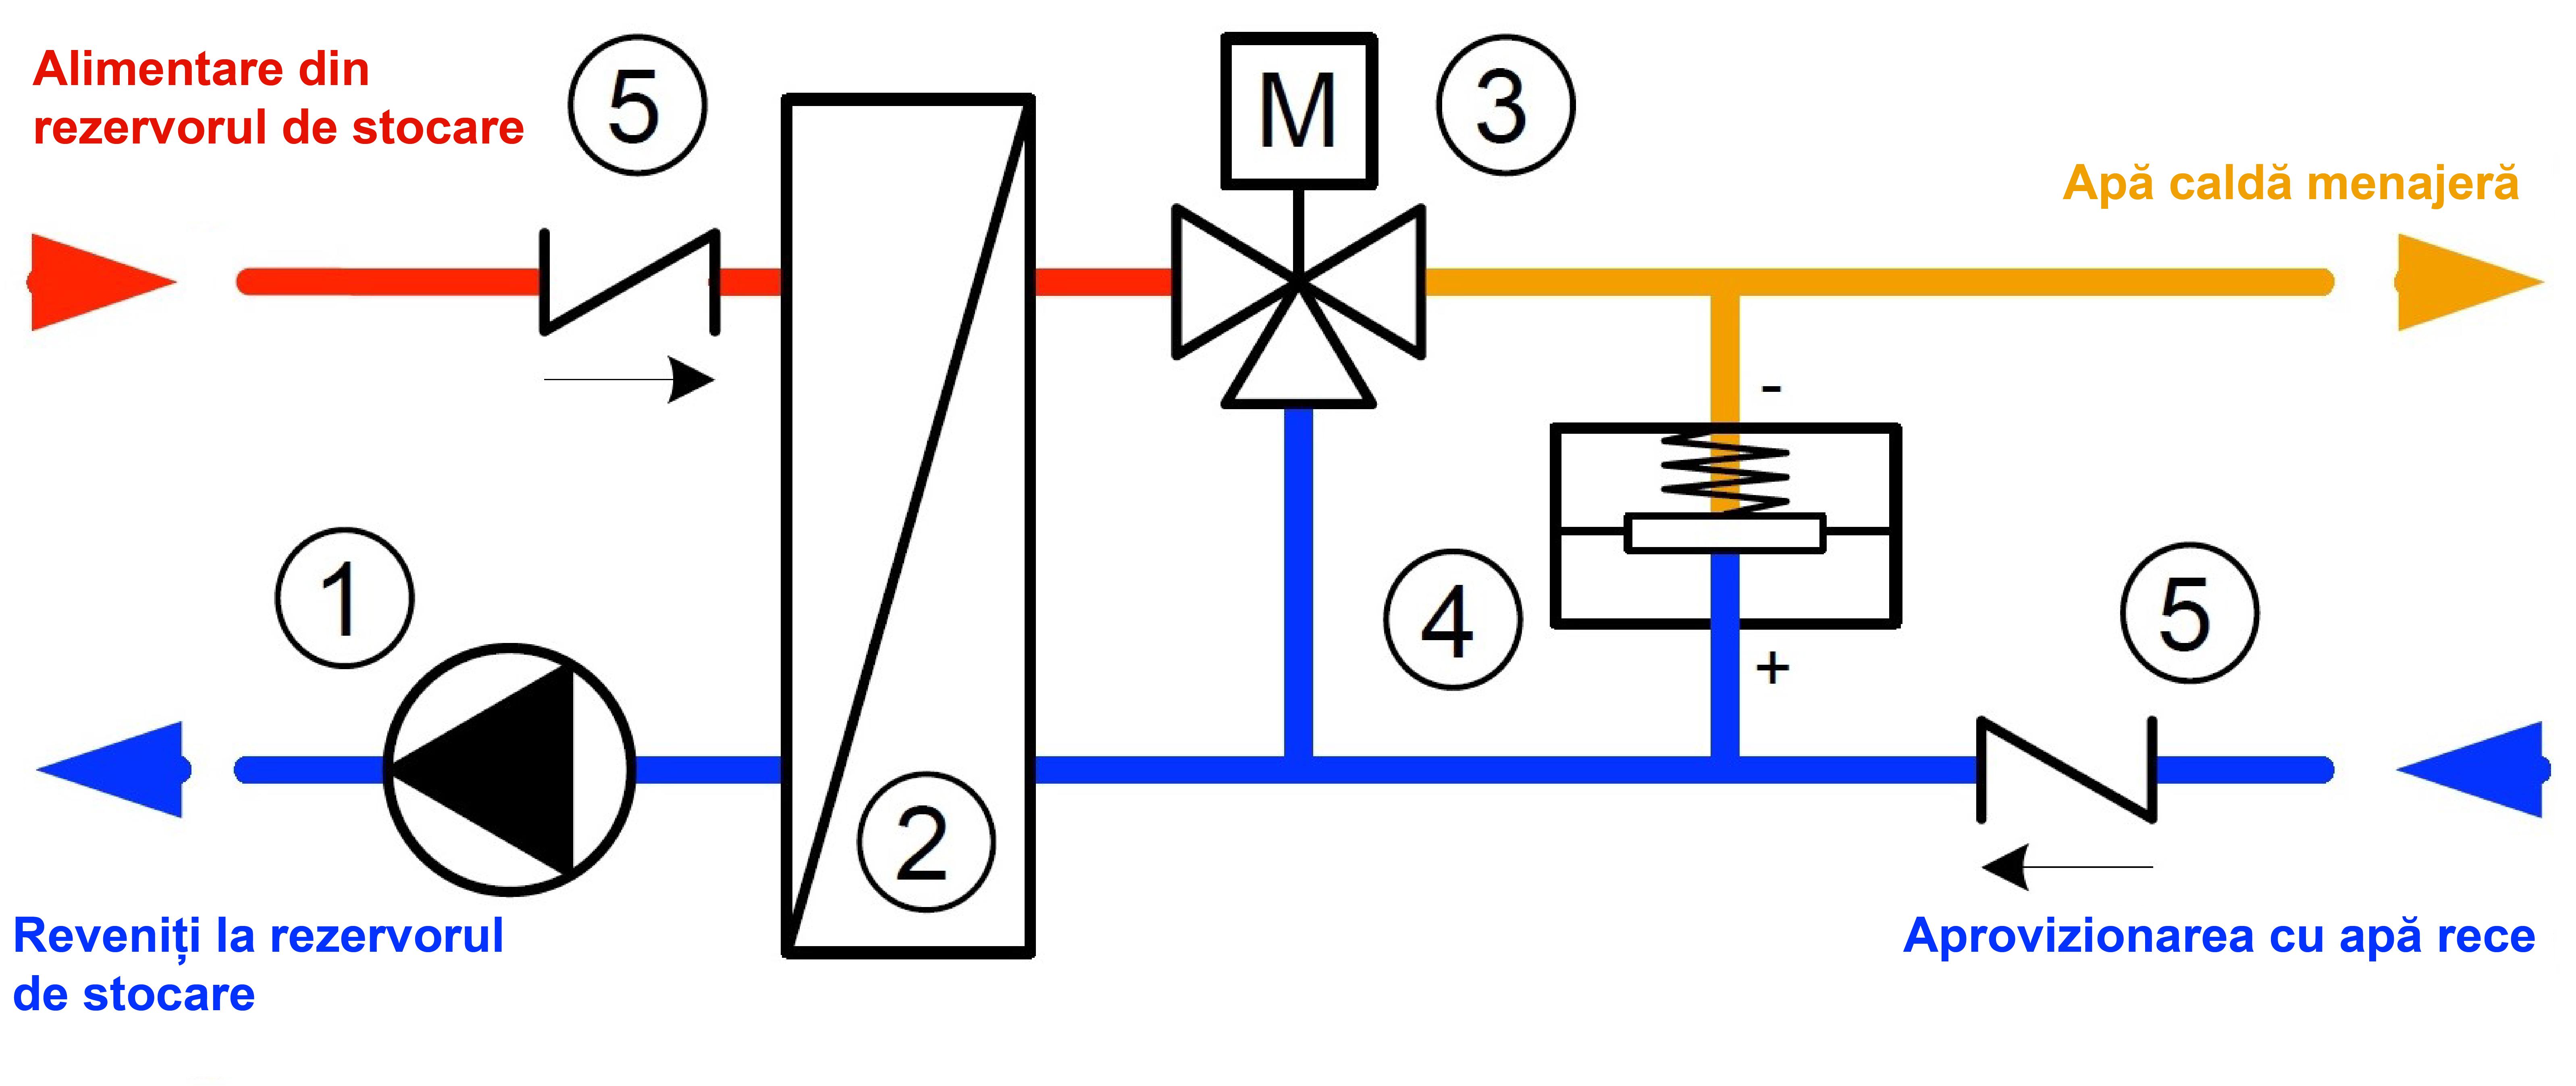 Modul ansamblu pompă Celsius pentru de furnizarea apei calde potabile în sistemul de încălzire centrală cu control termostatic